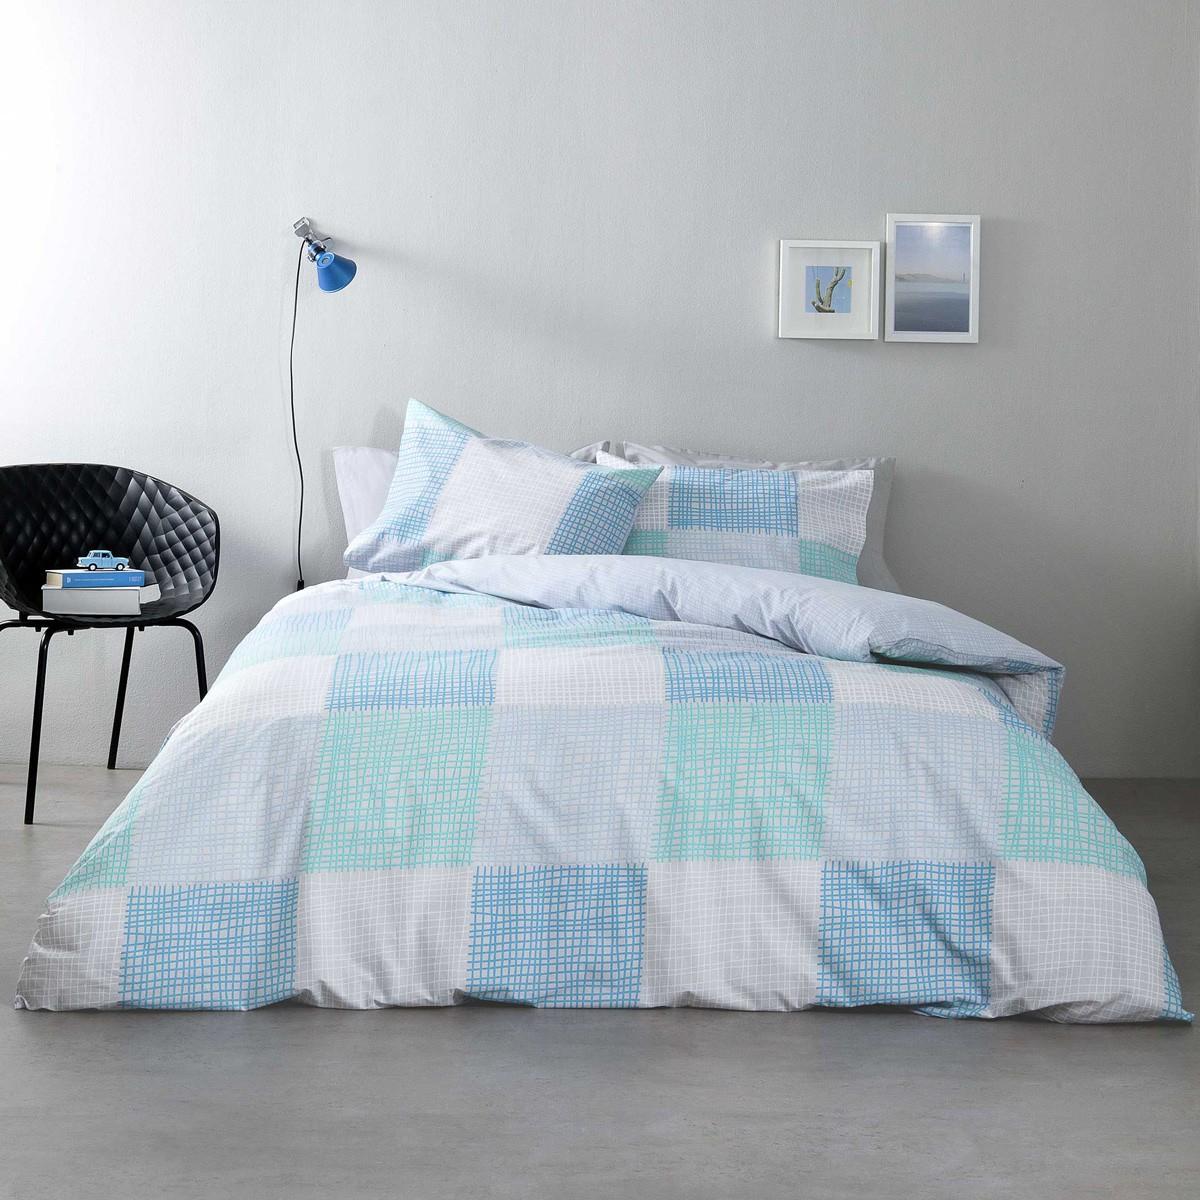 Κουβερλί Υπέρδιπλο Nima Bed Linen Rattan Blue